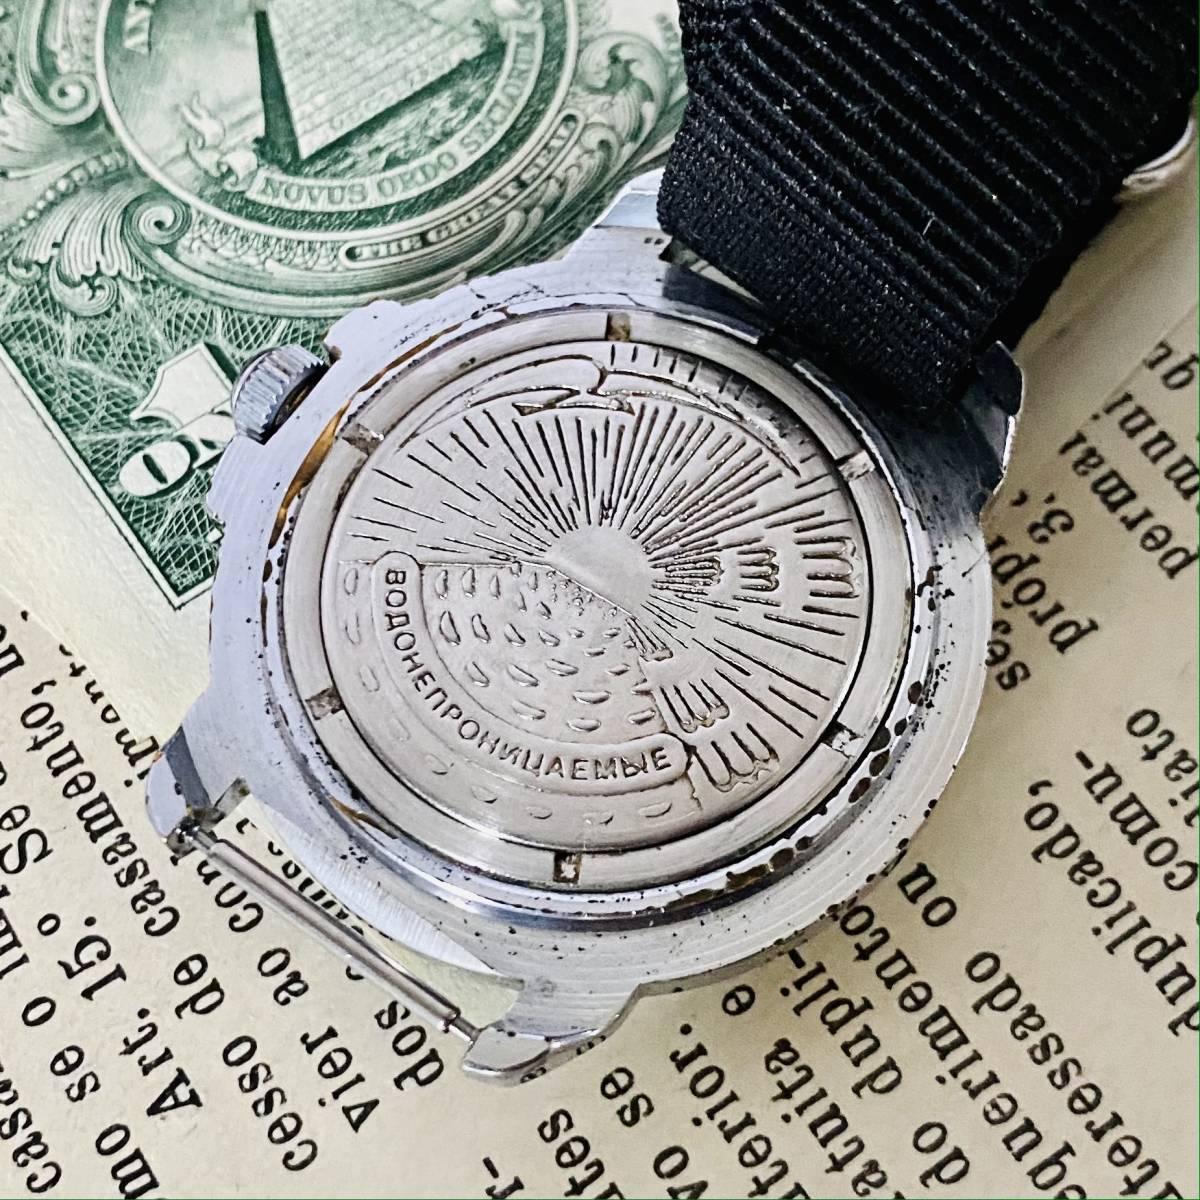 【ミリタリー腕時計】VOSTOK Komandirskie 手巻き 腕時計 メンズ レディース ビンテージ ロシア ボストーク コマンダースキー 24H デイト_画像8